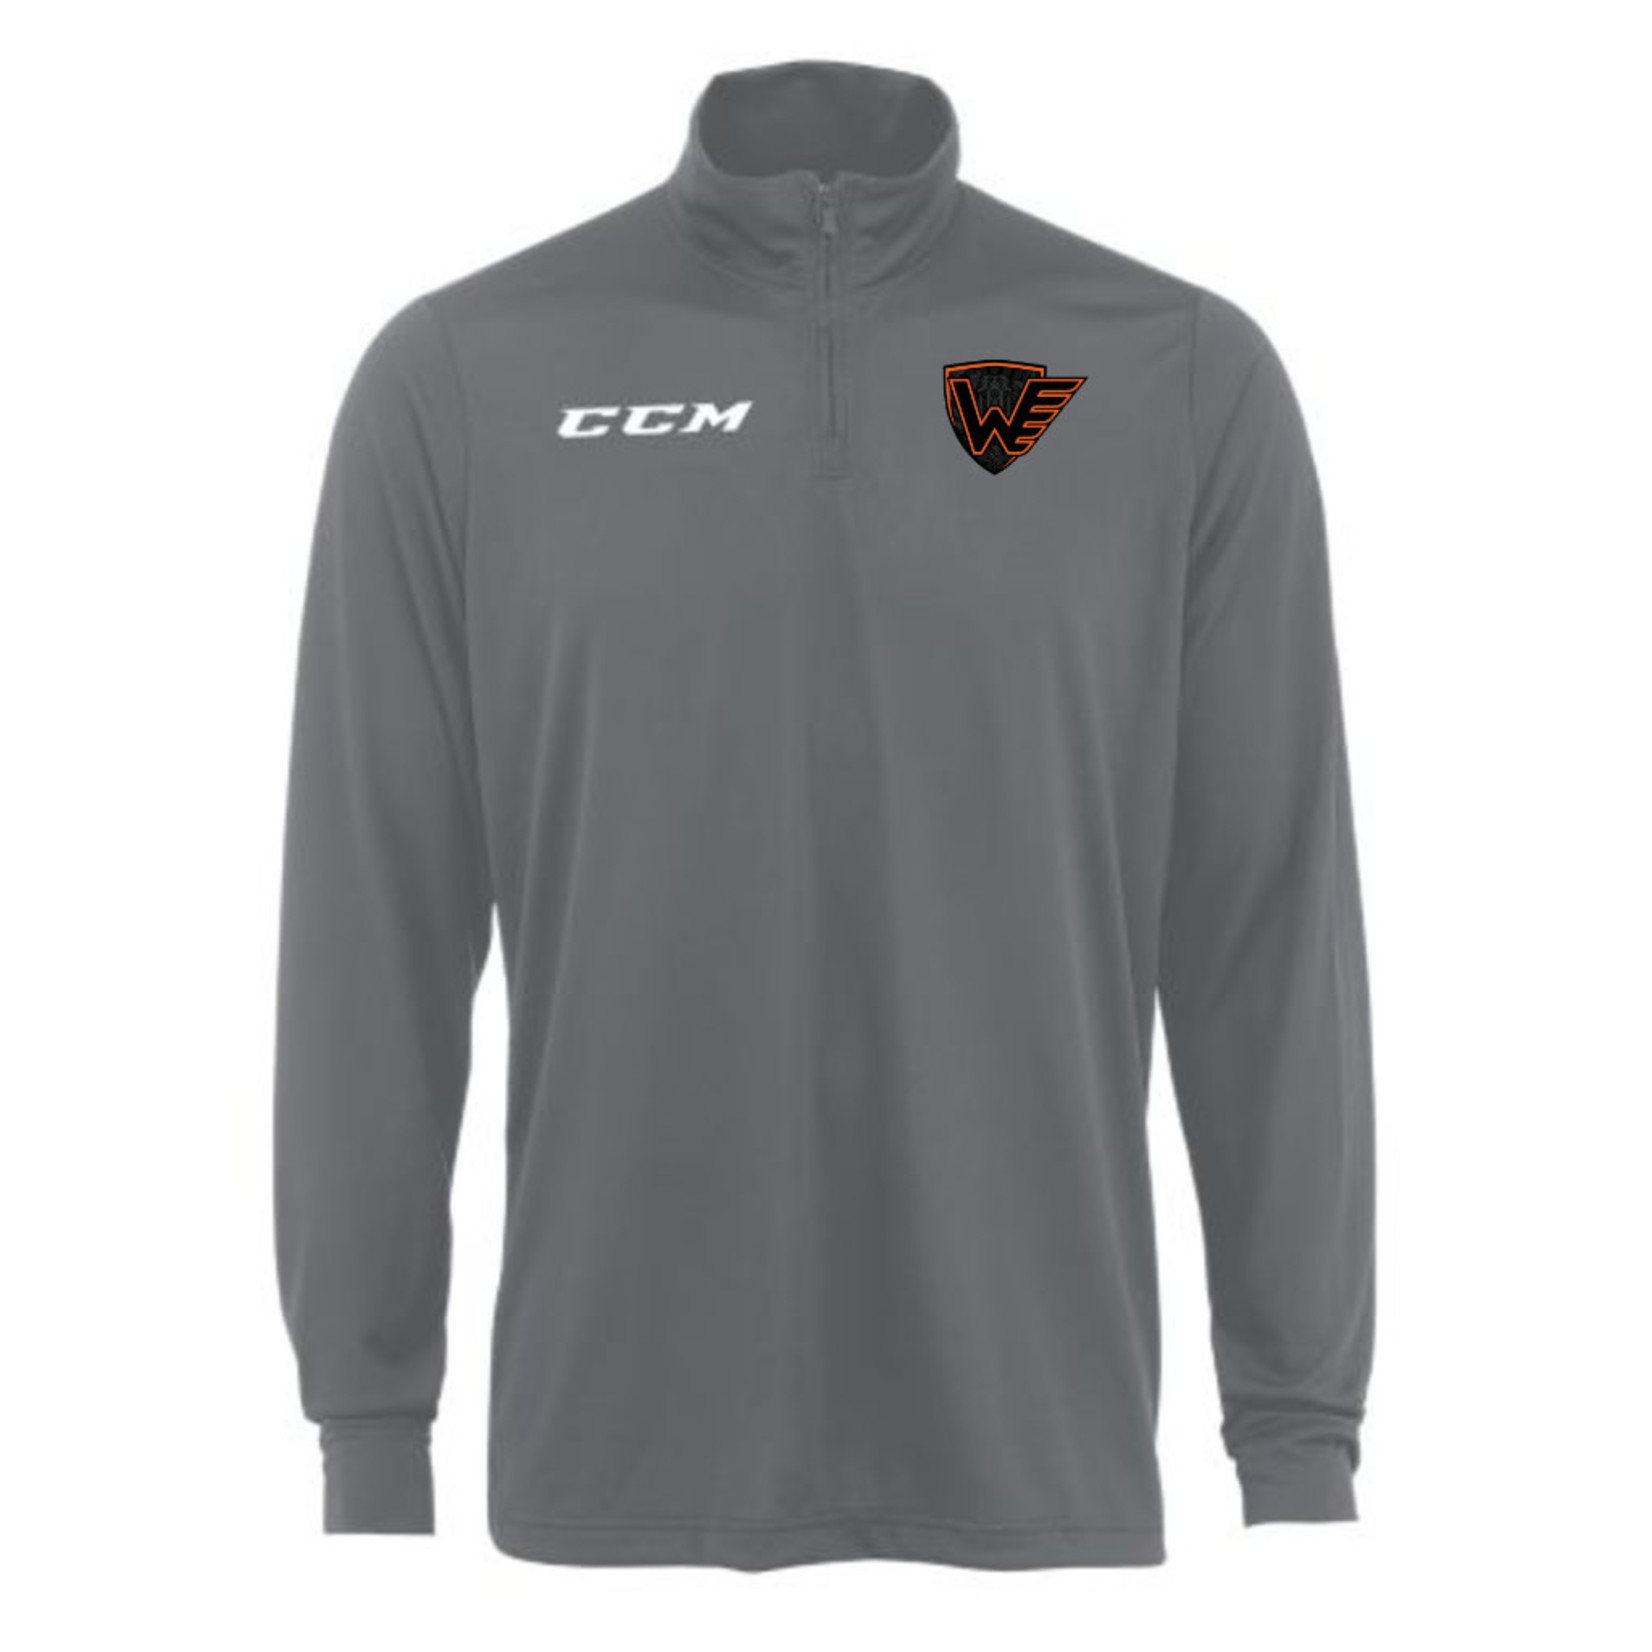 CCM CCM Long Sleeve Shirt, Team Tech 1/4 Zip Winkler Flyers, Mens